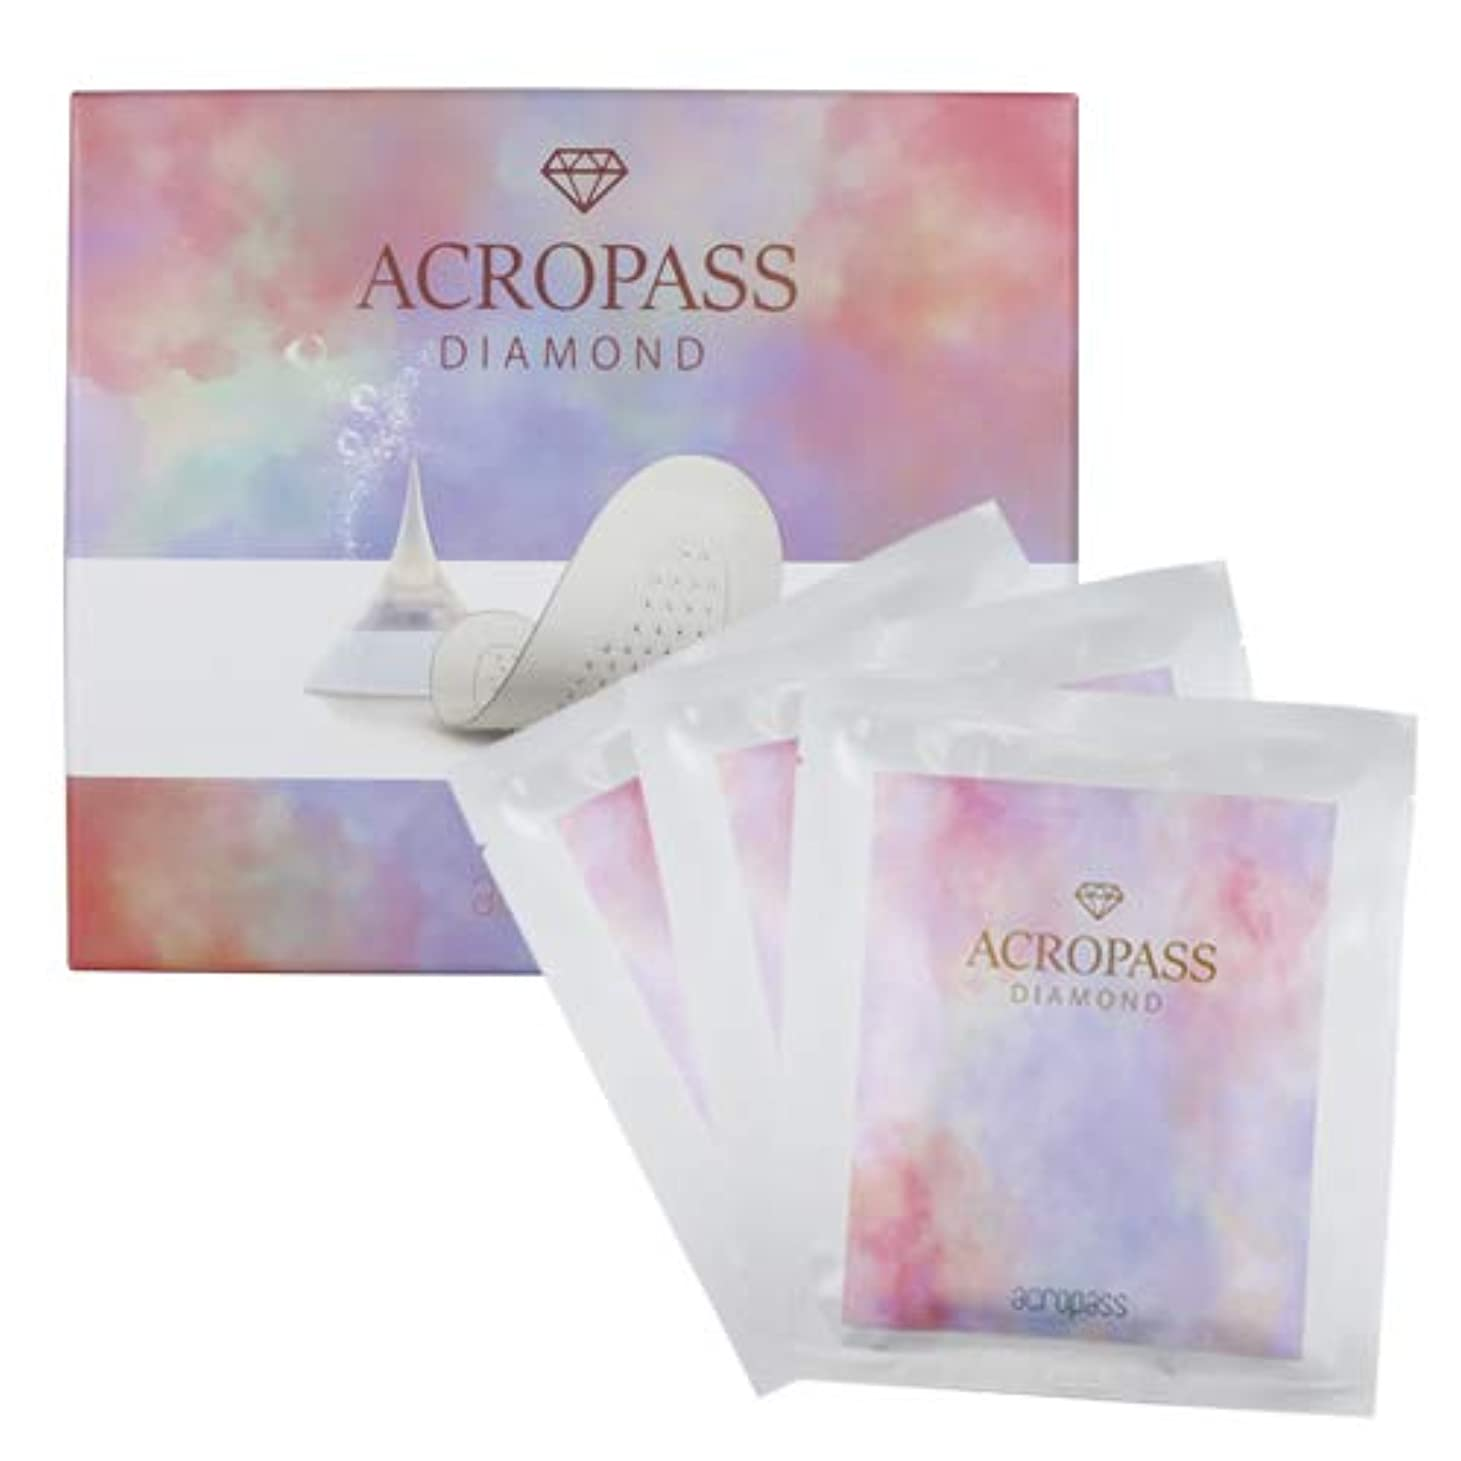 最高不注意ブランチacropass アクロパス ダイアモンド (ACROPASS DIAMOND) 6パッチ(3パウチ)入り